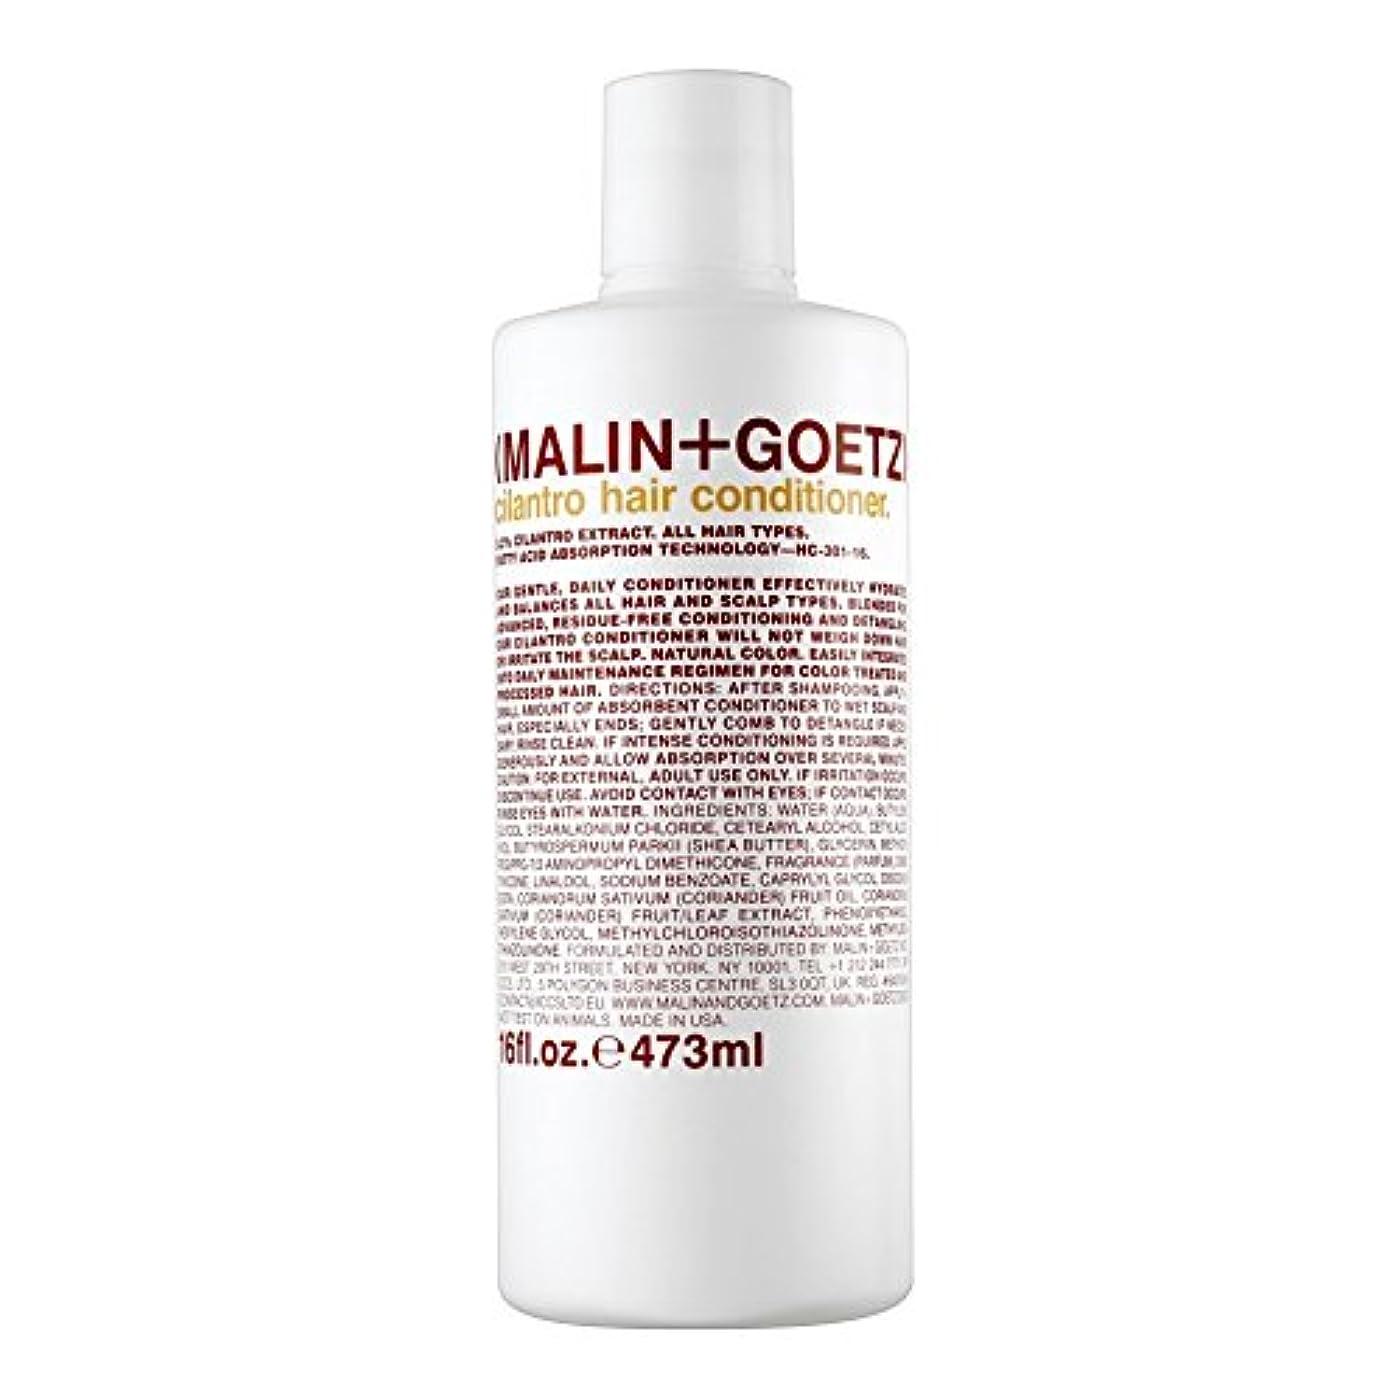 乱れシロナガスクジラ精神的にマリン+ゲッツコリアンダーのヘアコンディショナー473ミリリットル x4 - MALIN+GOETZ Cilantro Hair Conditioner 473ml (Pack of 4) [並行輸入品]